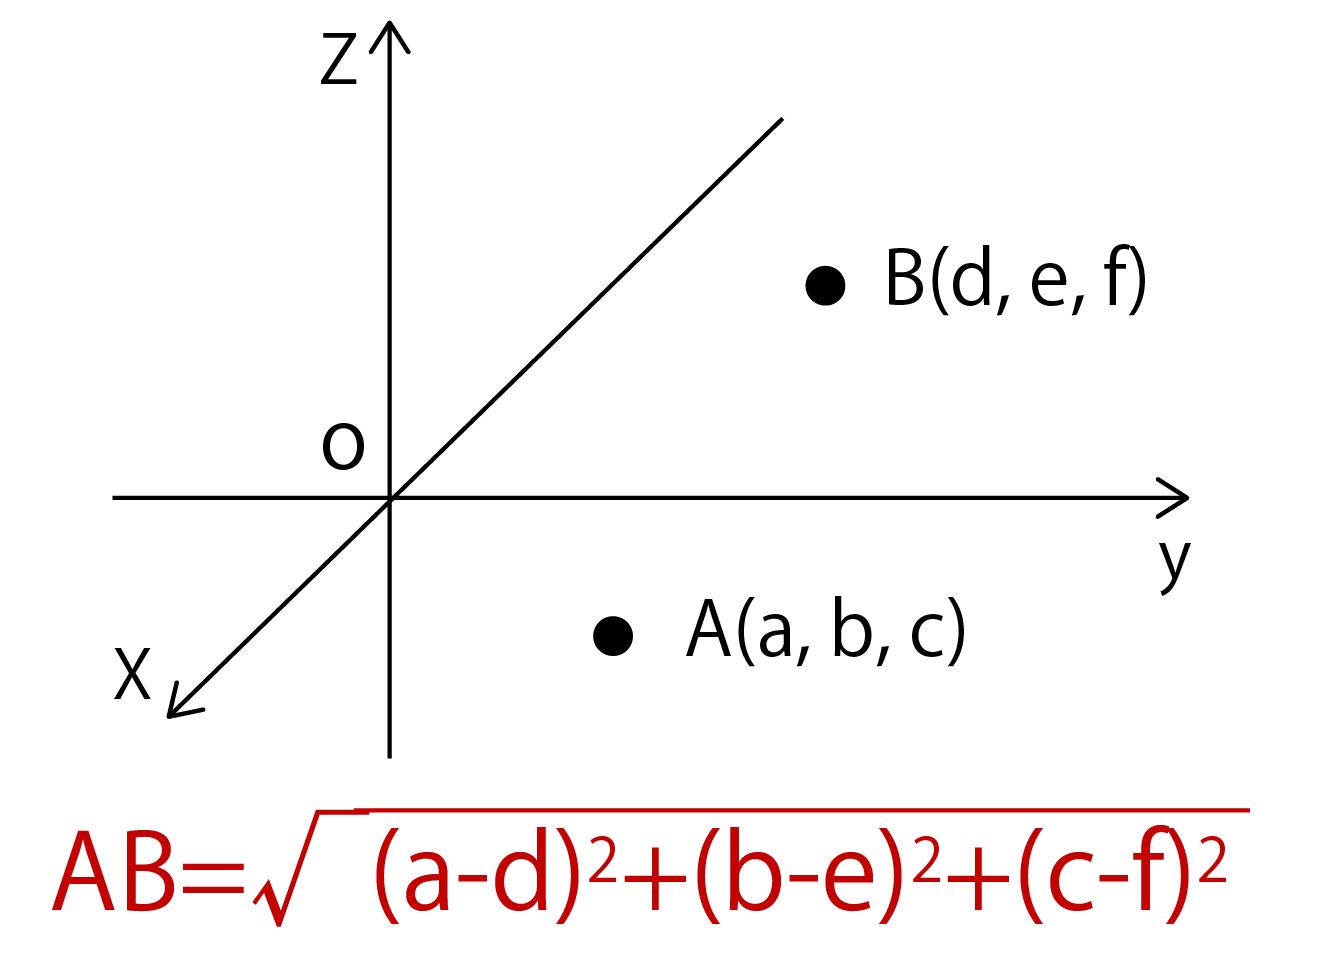 2点間の距離の公式